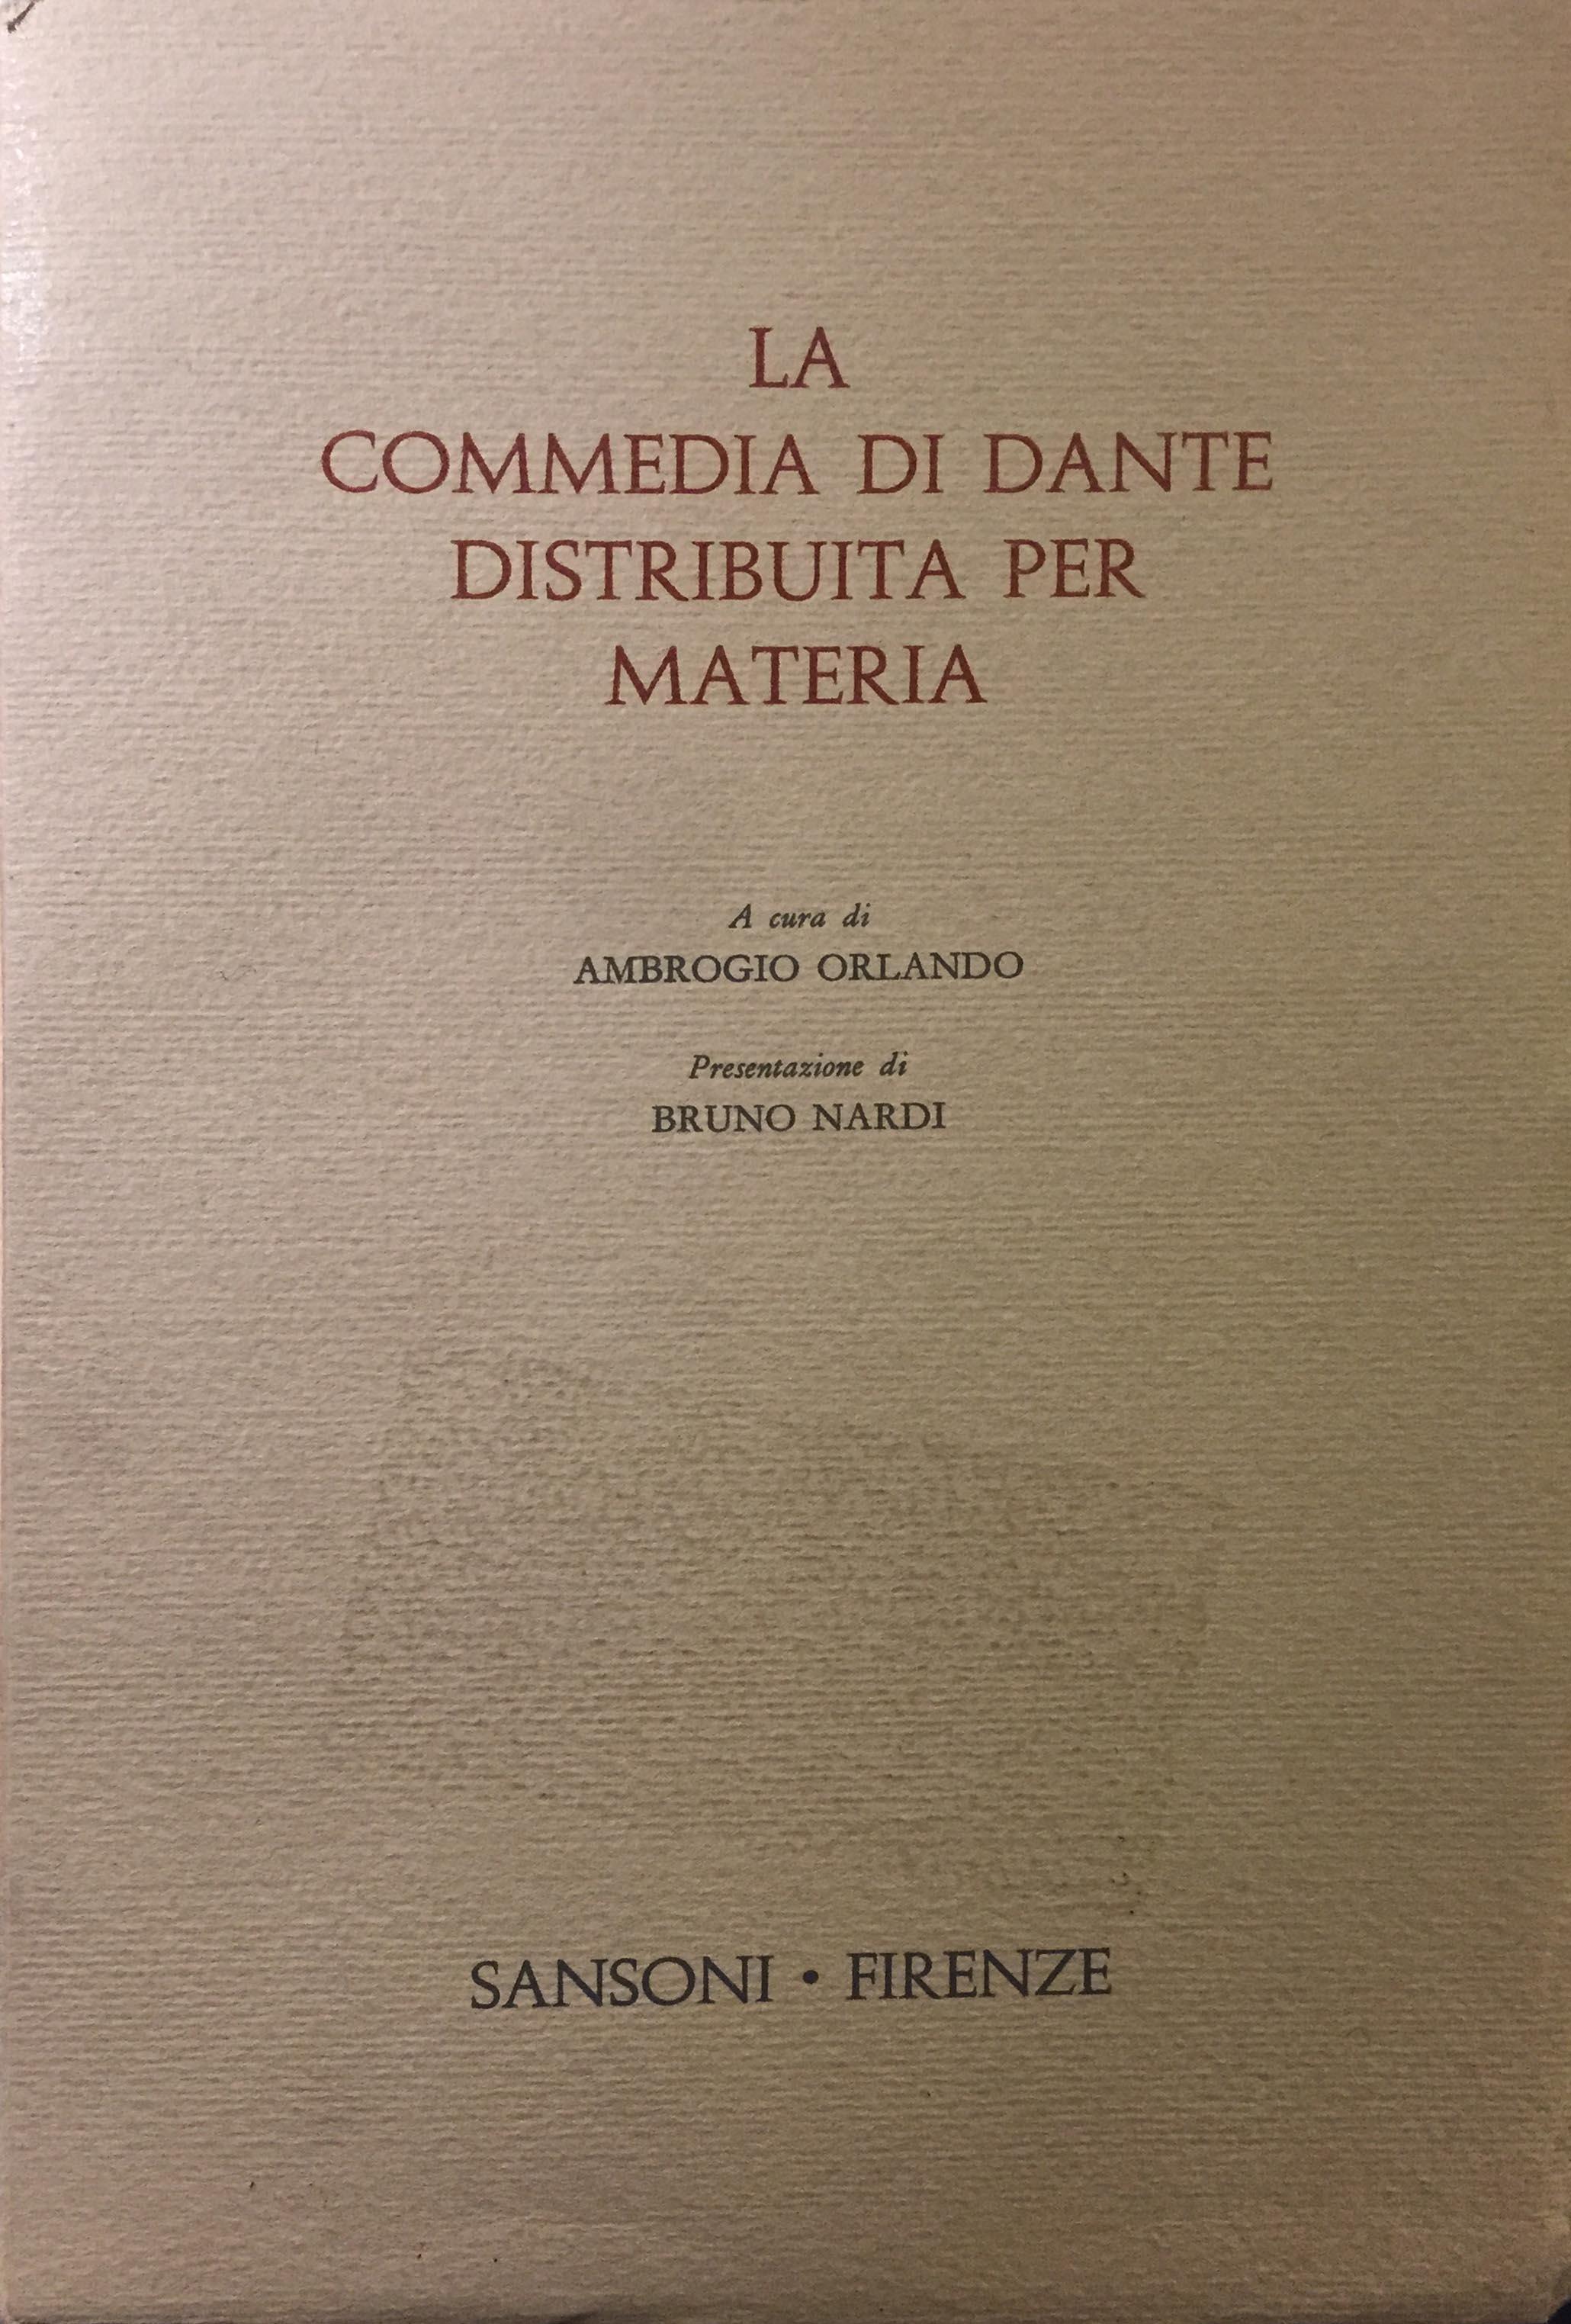 La Commedia di Dante distribuita per materia